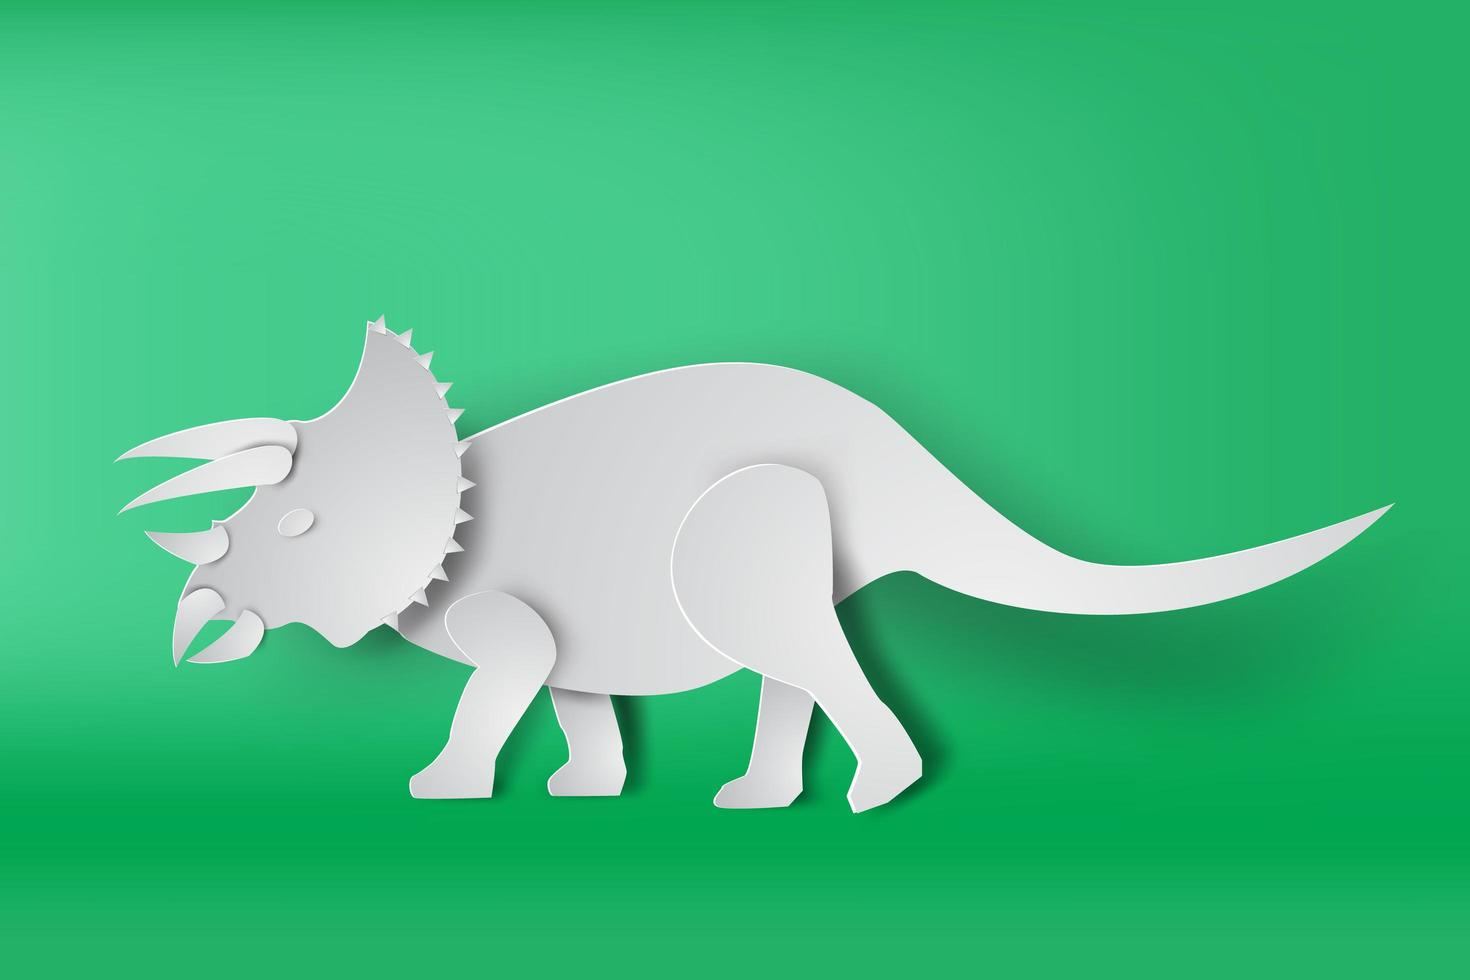 papier art tricératops dinosaure vecteur